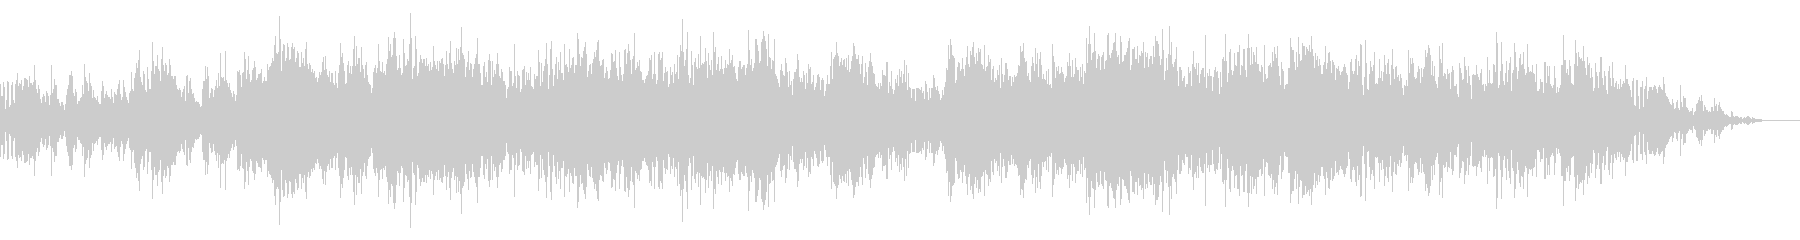 アトモスフィリックで不思議なBGMの未再生の波形